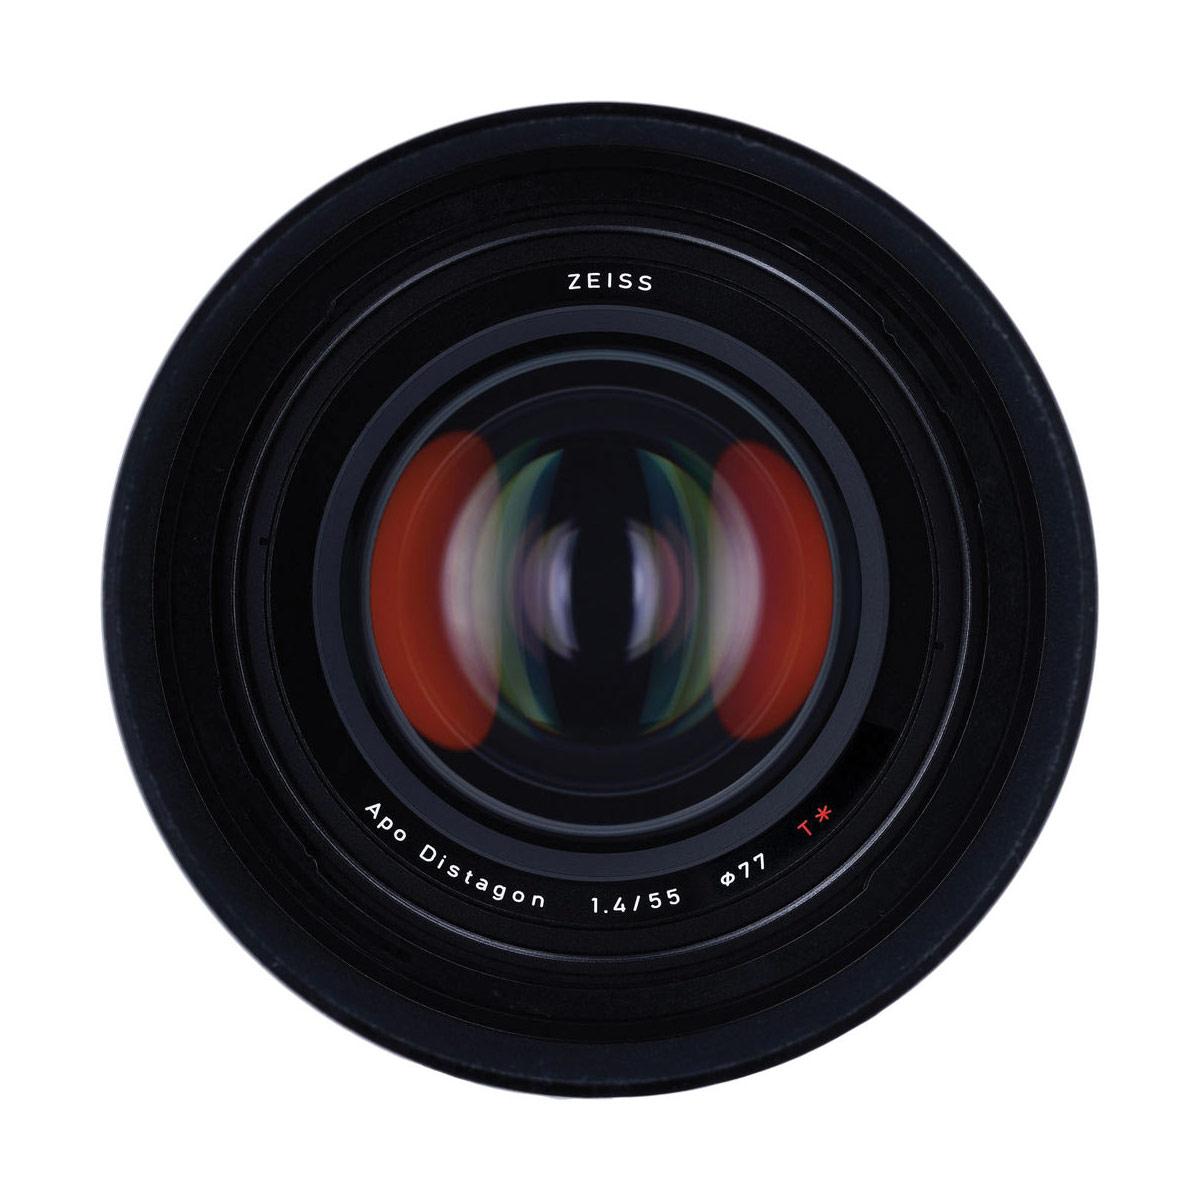 Zeiss Otus 55mm f/1.4 Front Element